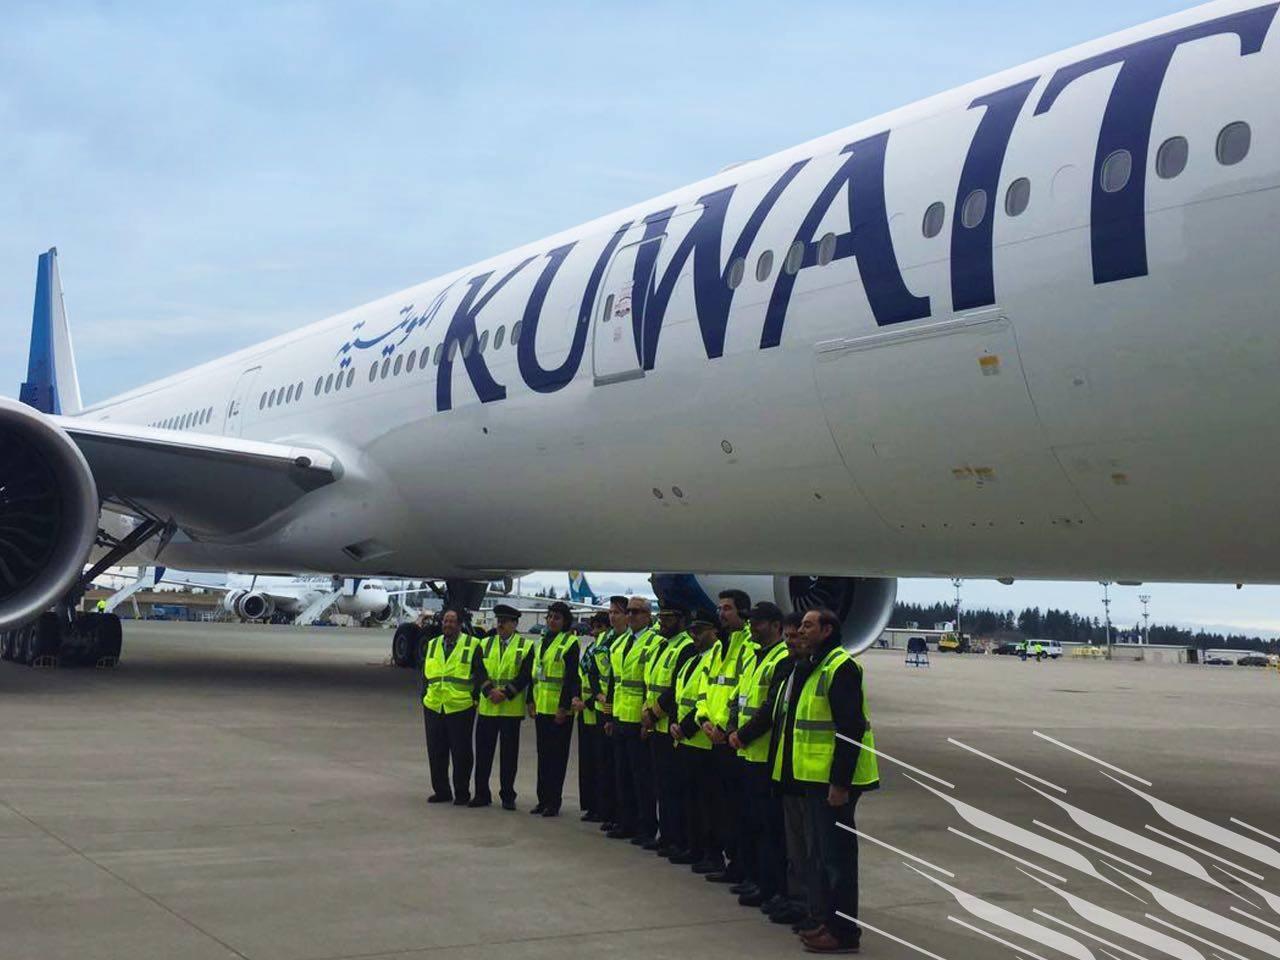 Kuwait Airways hiring 200 Filipino workers, salary ranges P37,000 - P257,000